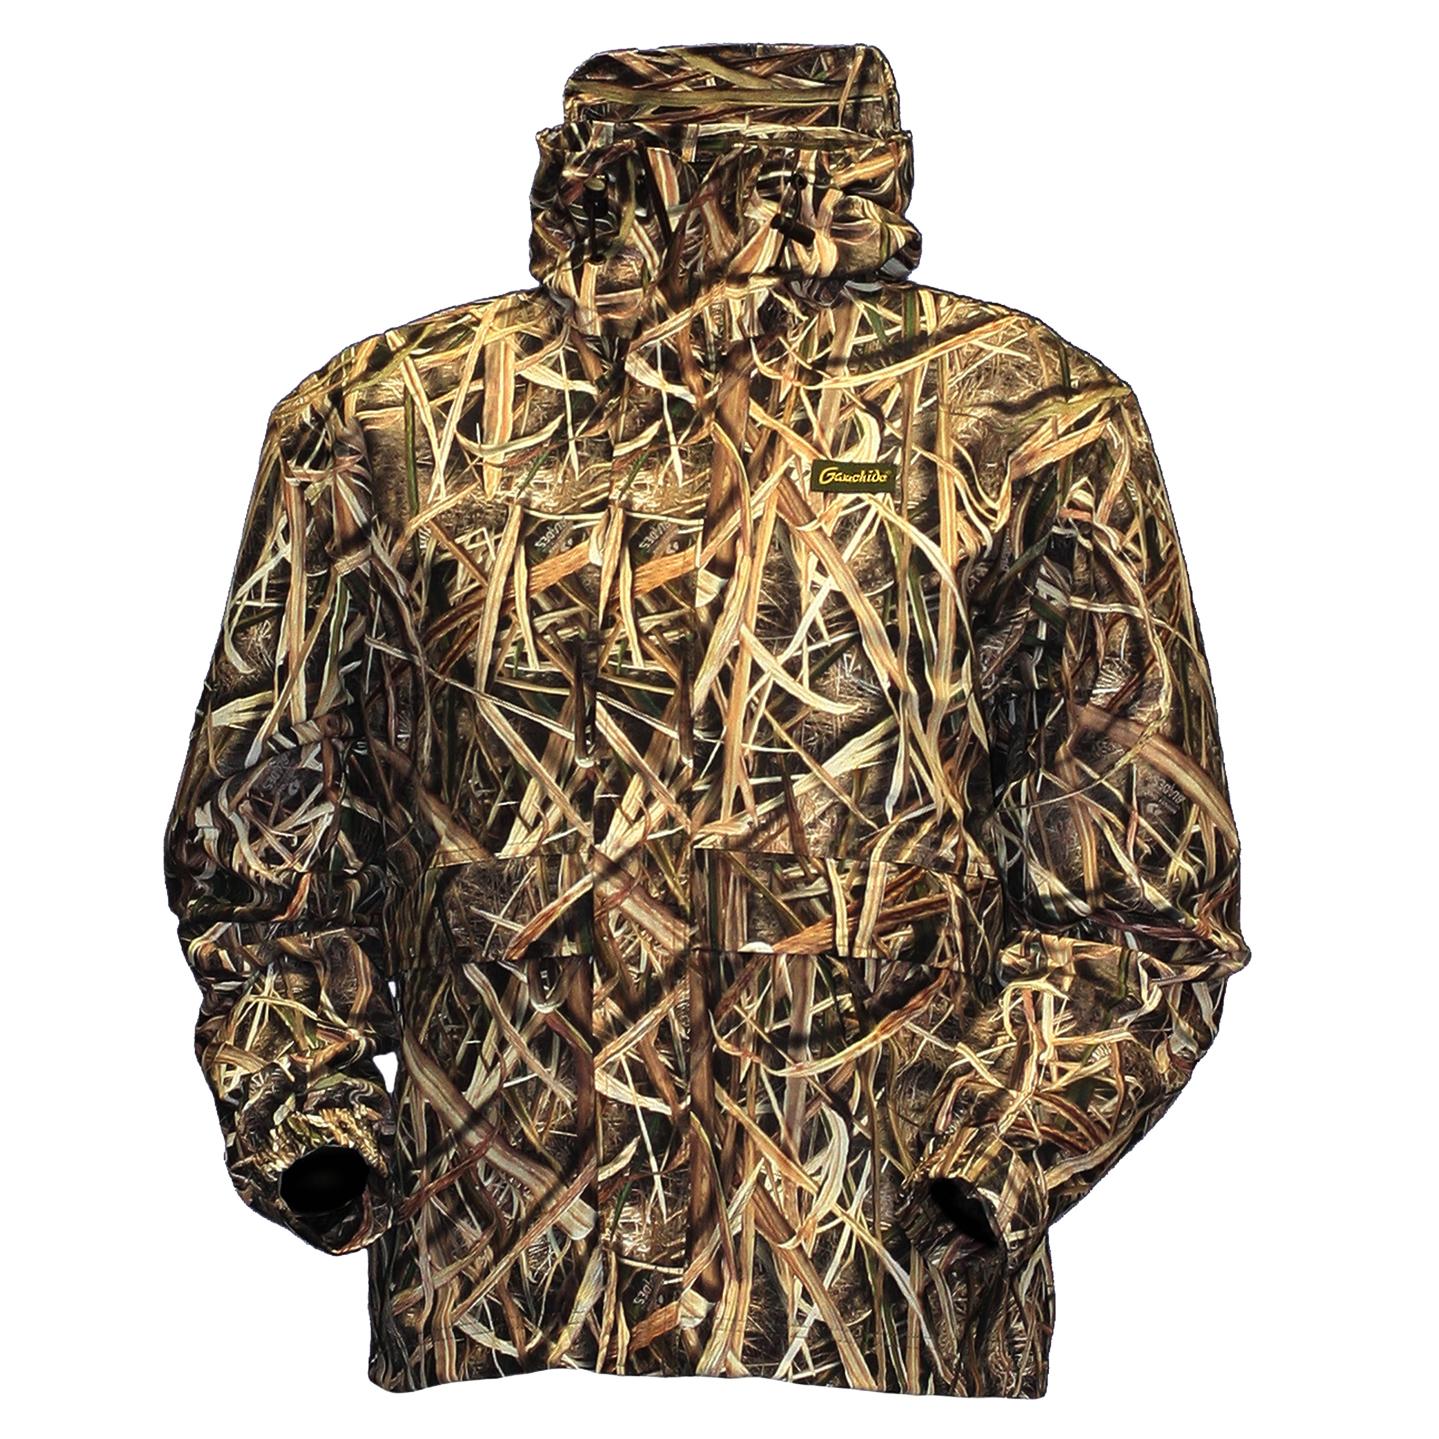 Gamehide Men's Decoy Jacket